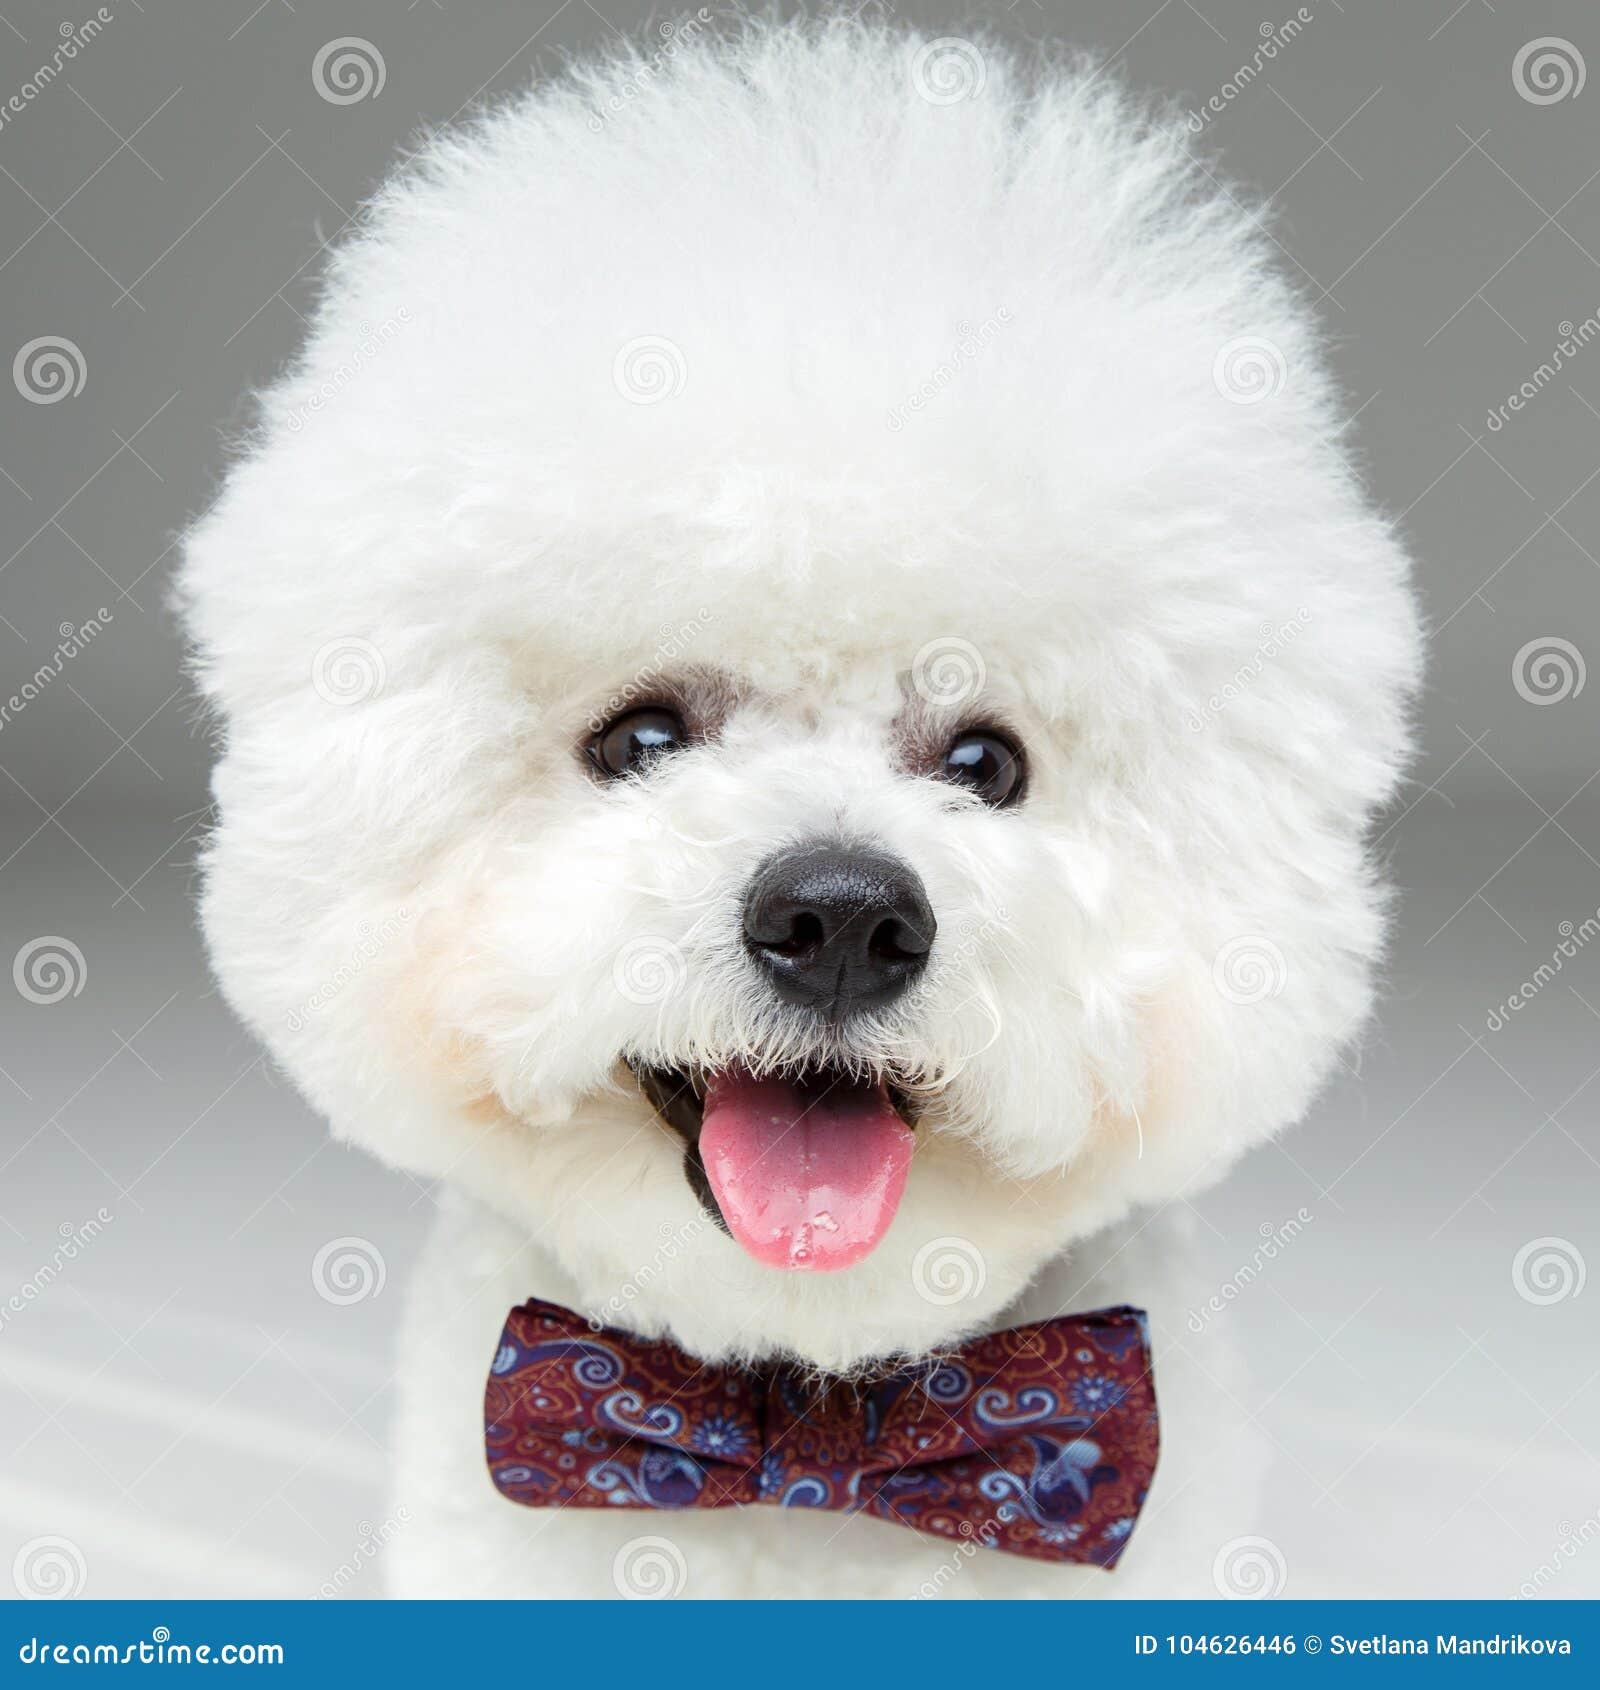 Download De Mooie Hond Van Bichonfrisee In Bowtie Stock Foto - Afbeelding bestaande uit mooi, rasecht: 104626446